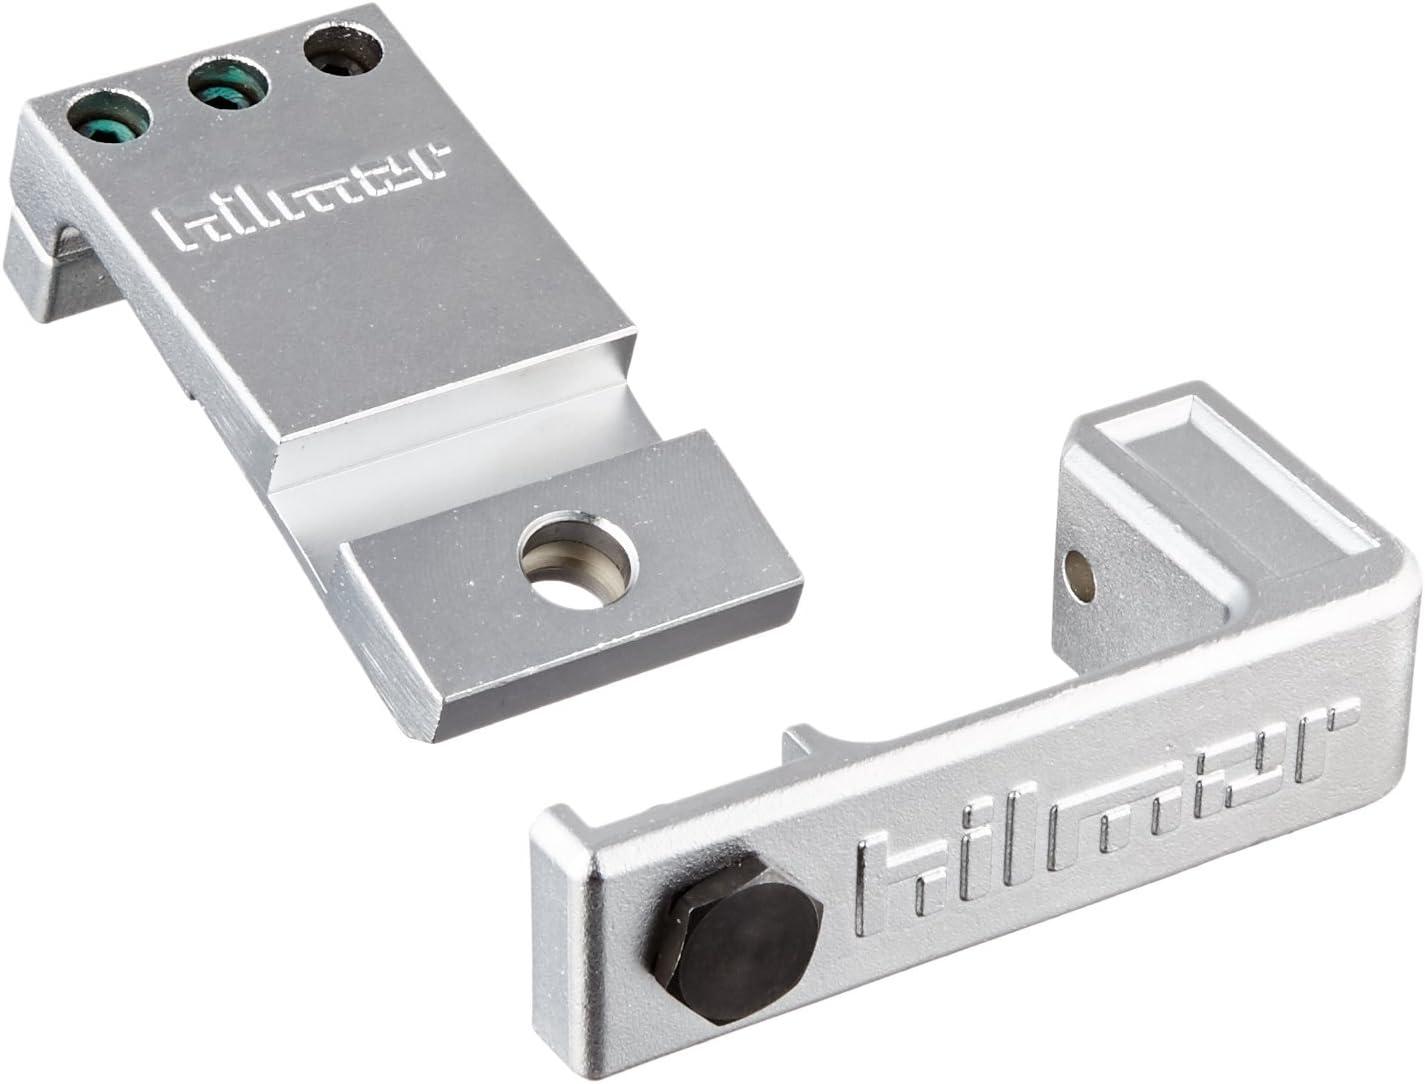 Hilmor Reverse Bending Attachment - HVAC Tool Tube Bender, Black, CBRBM 1890999